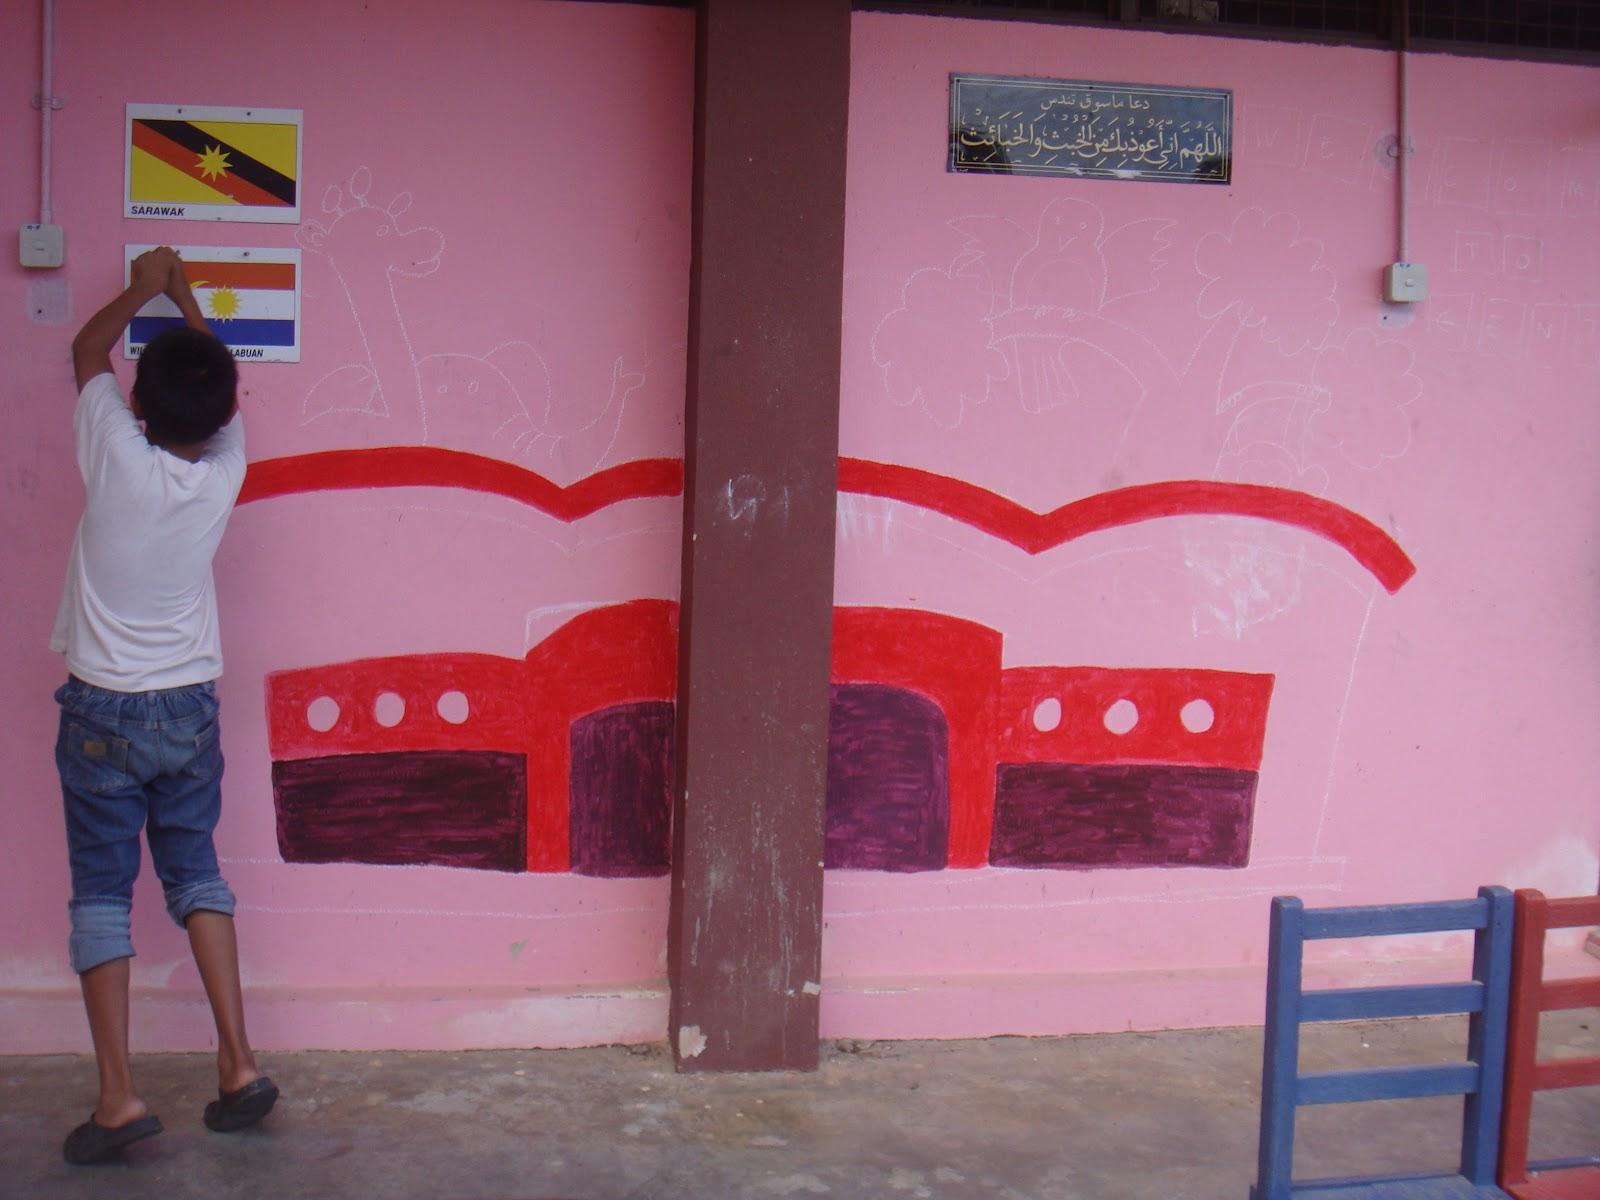 Mural sekolah dunia seni visual dan aku for Mural sekolah rendah